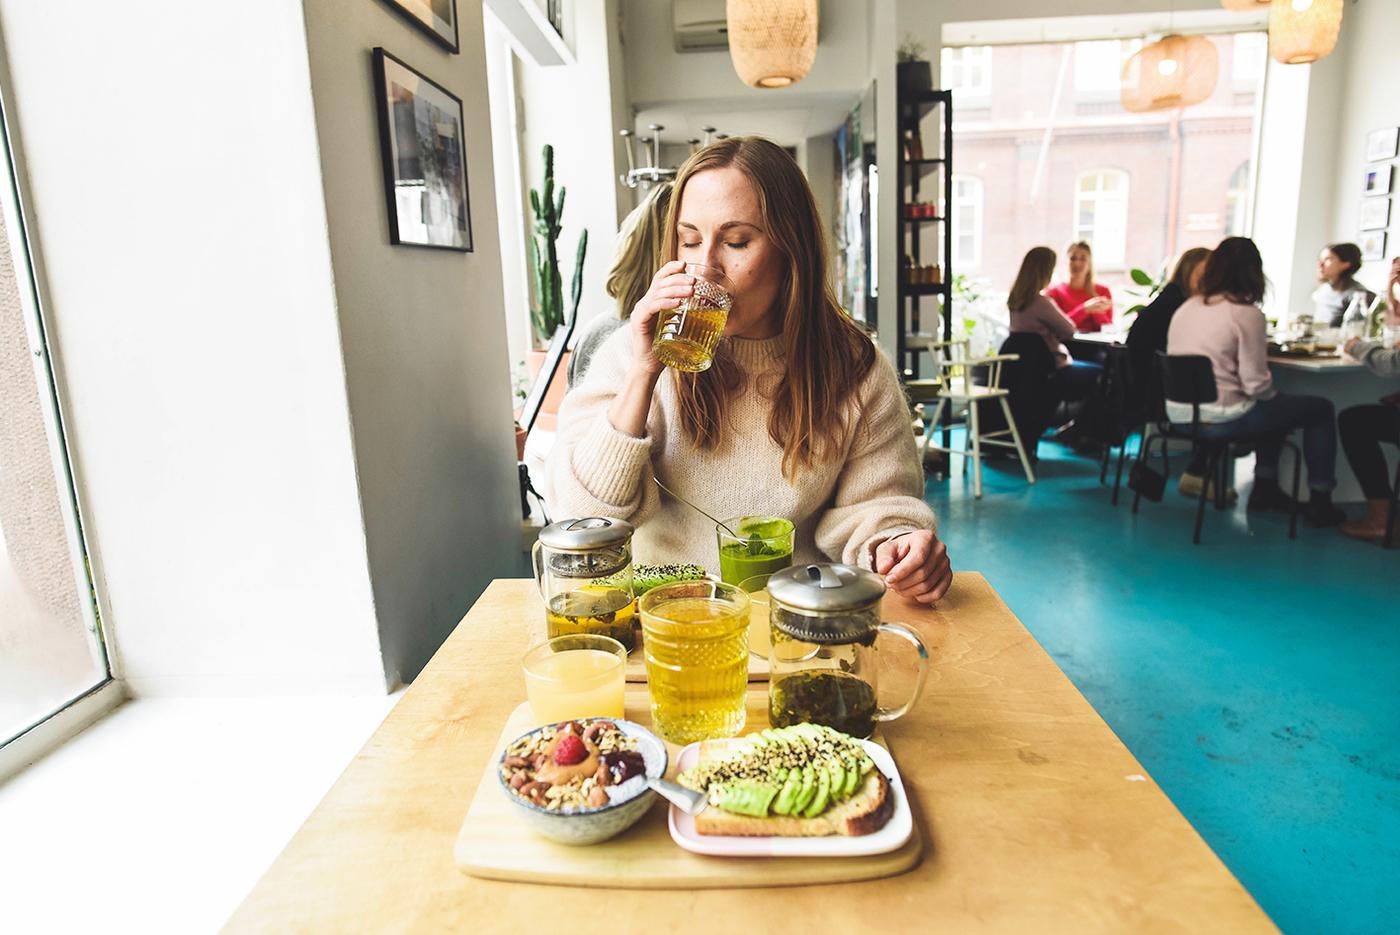 kuumahelsinki-kahvila-aamiainen-naistenpaiva-sundayblondie-4.jpg